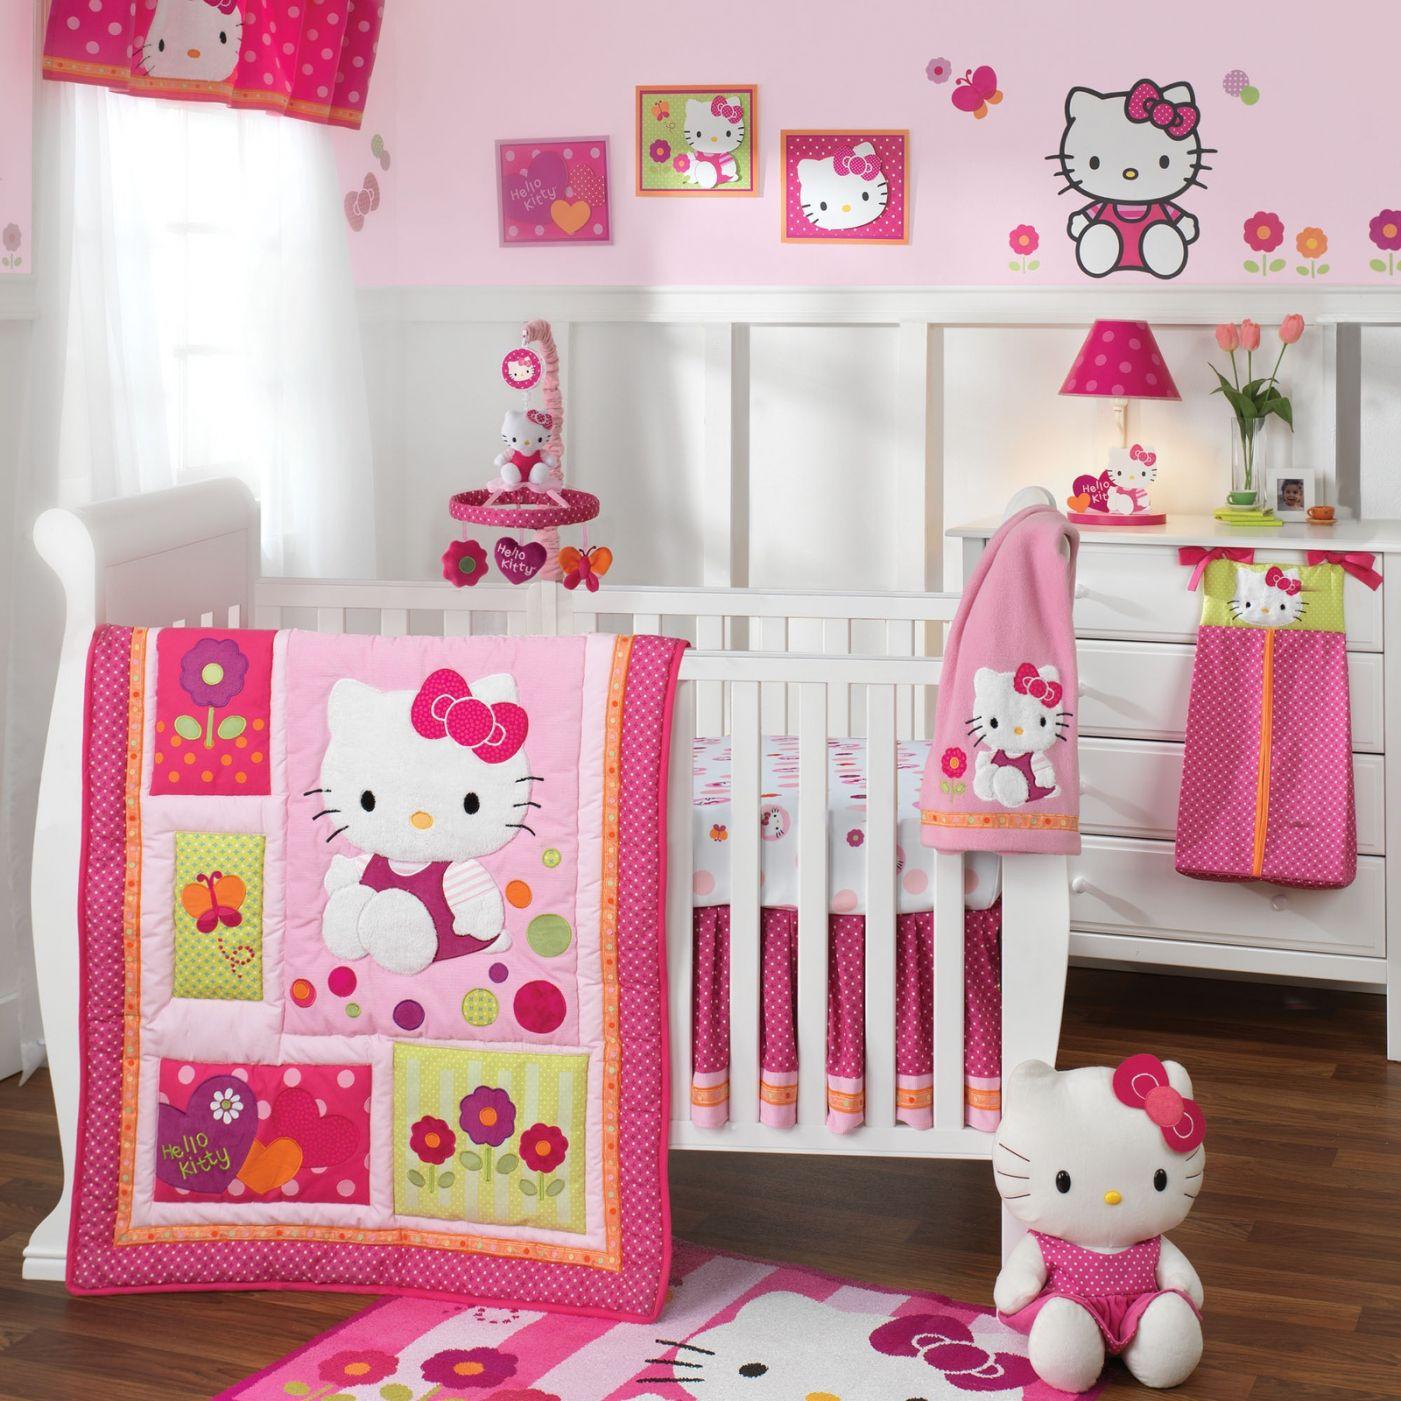 De Haute Qualite Chambre Hello Kitty, Idée Décoration Chambre, Chambre Enfant, Maison, Idée  De Décoration